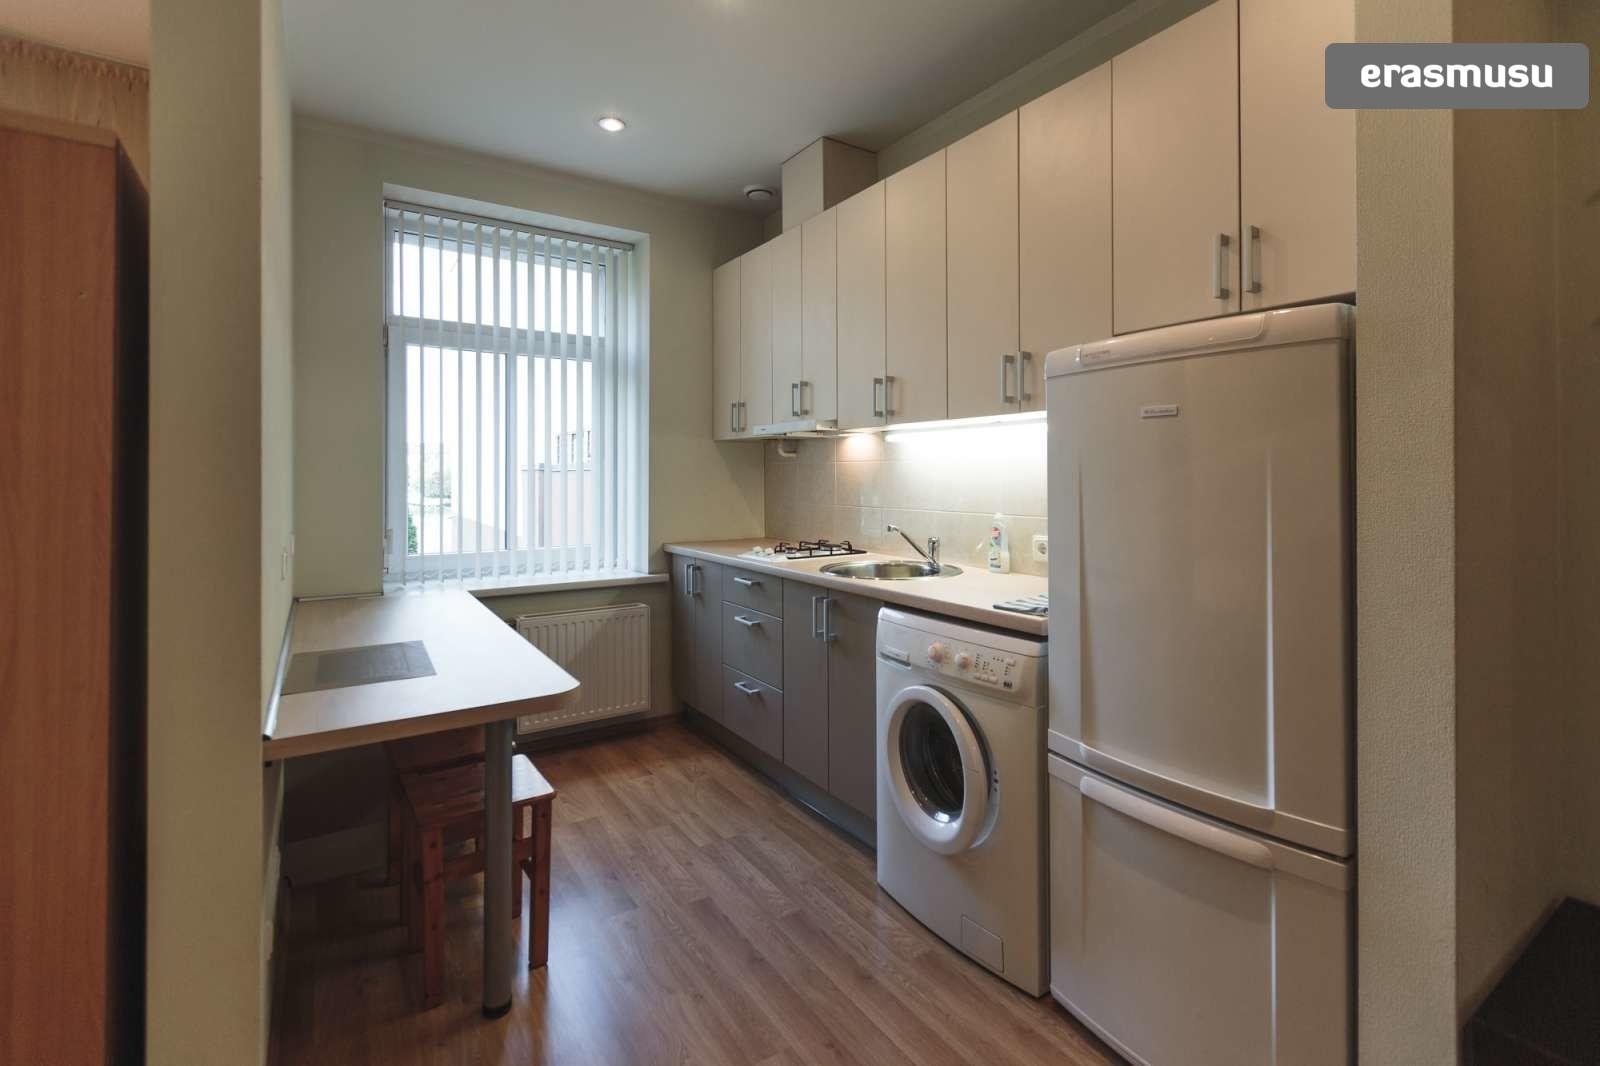 cozy-studio-apartment-rent-petersala-andrejsala-cb723cc8c56645d1